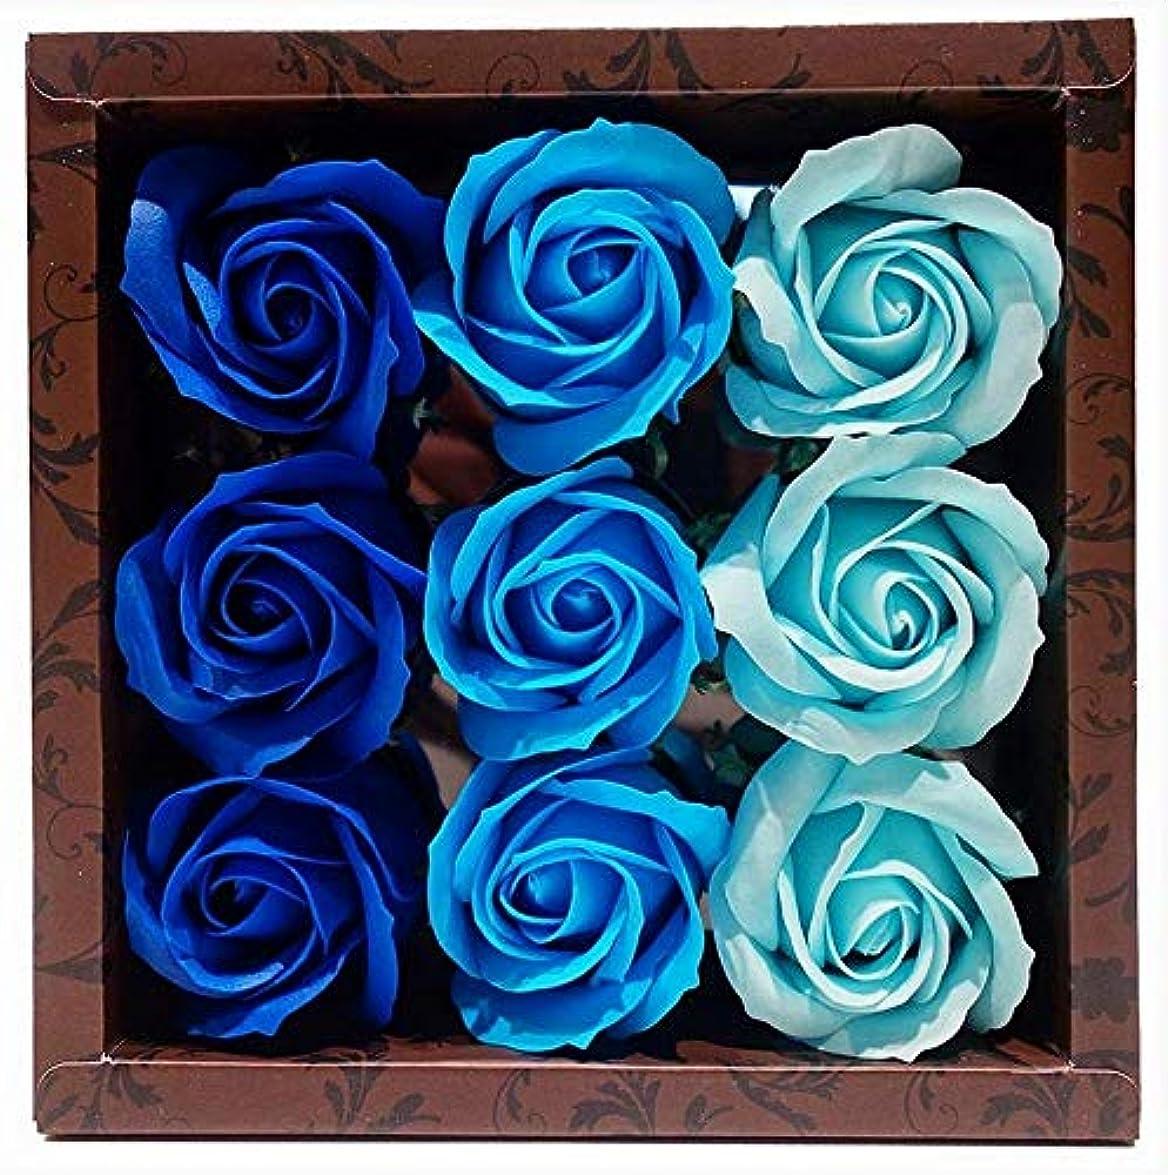 運ぶ対話補助花のカタチの入浴料 ローズ バスフレグランス フラワーフレグランス バスフラワー (ブルー)